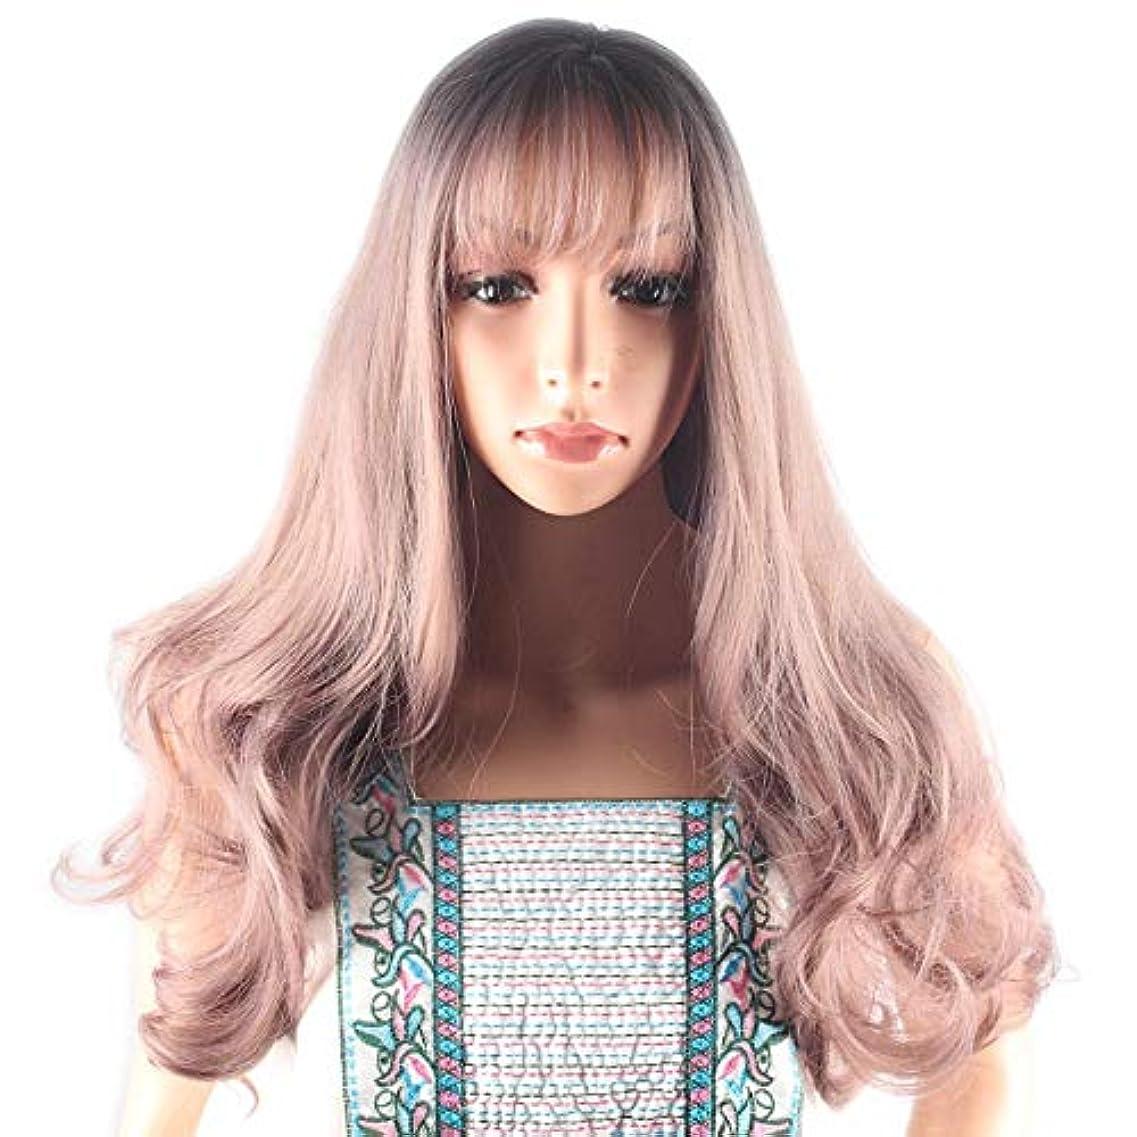 ショップ買うドラムWASAIO 空気前髪自然勾配フルヘッドと薄紫色のかつら波状の長い巻き毛 (色 : Photo Color, サイズ : 65cm)